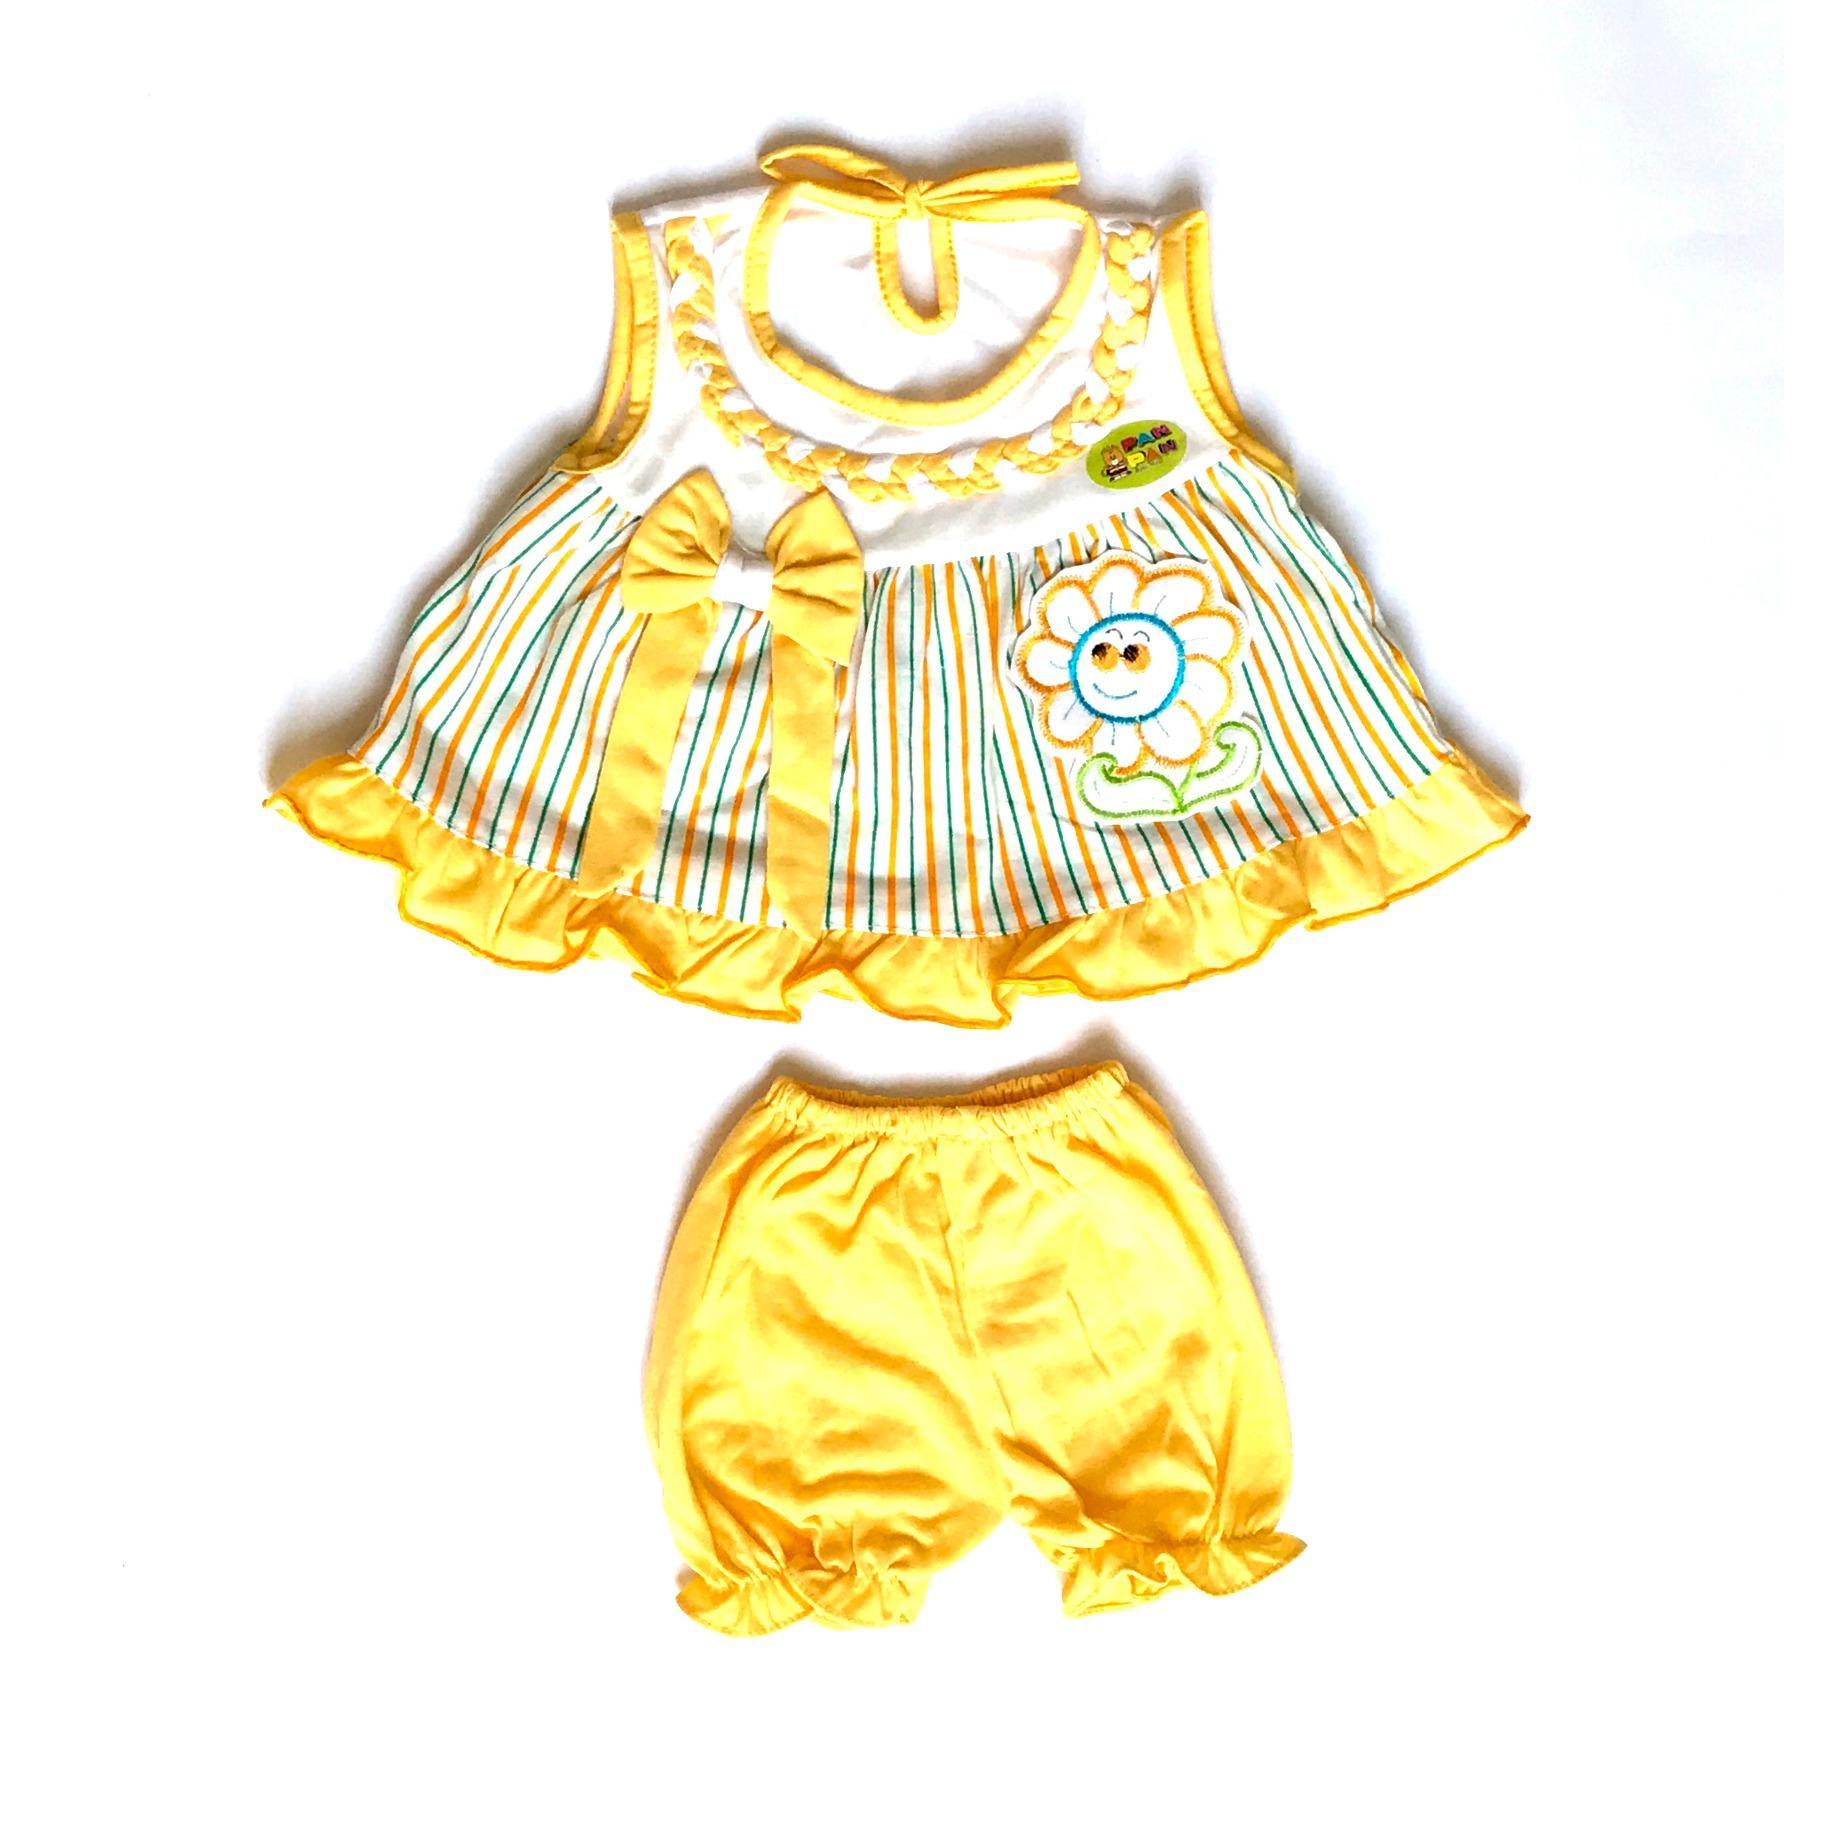 BAYIe - Setelan Baju bayi Perempuan KUTUNG motif BUNGA PAN_PAN usia 3-12 bulan /